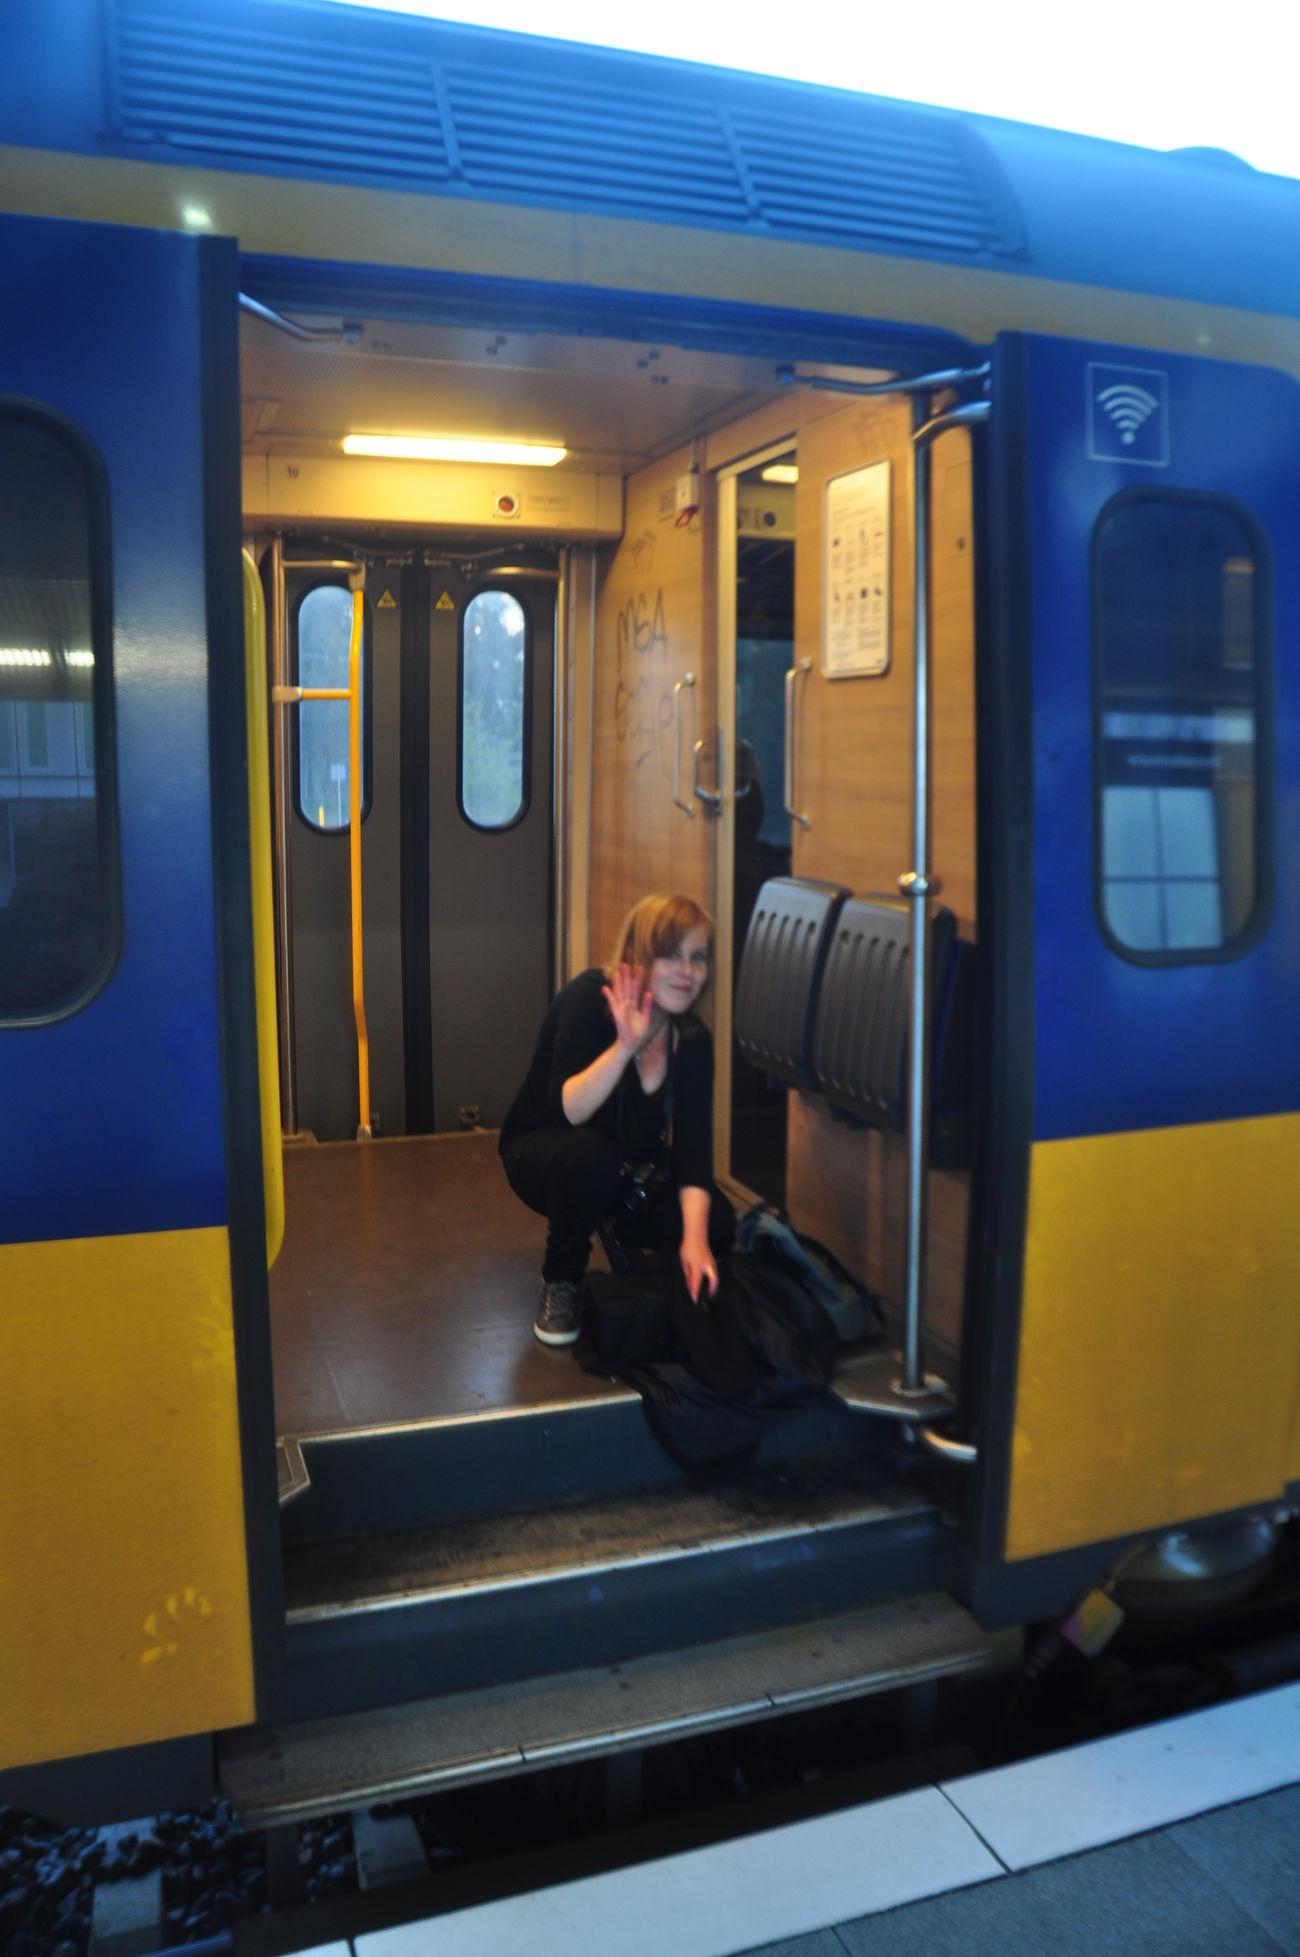 Global EyeEm Adventure - Groningen Eyeemgroupnederland Train Station